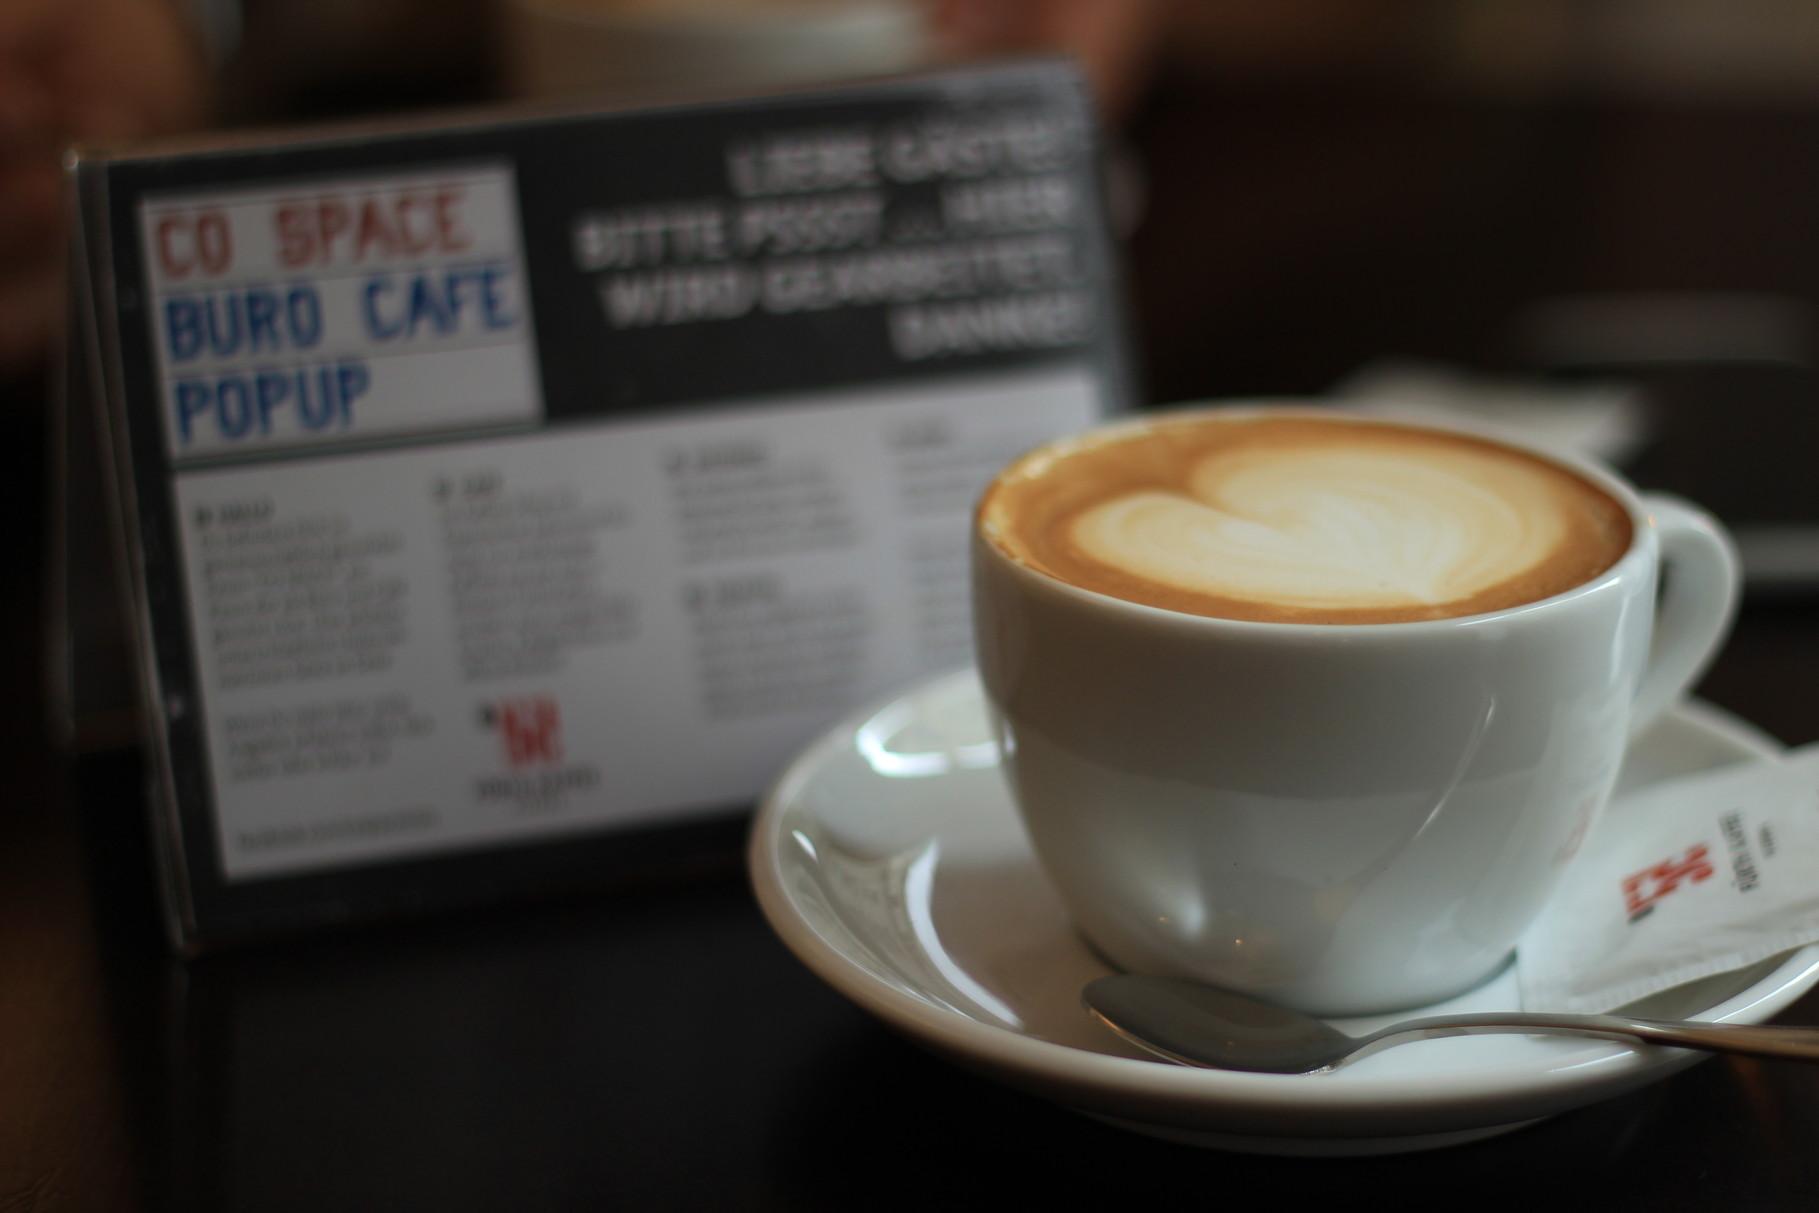 neues Cafe-Konzept: mitten im Co-Working Space